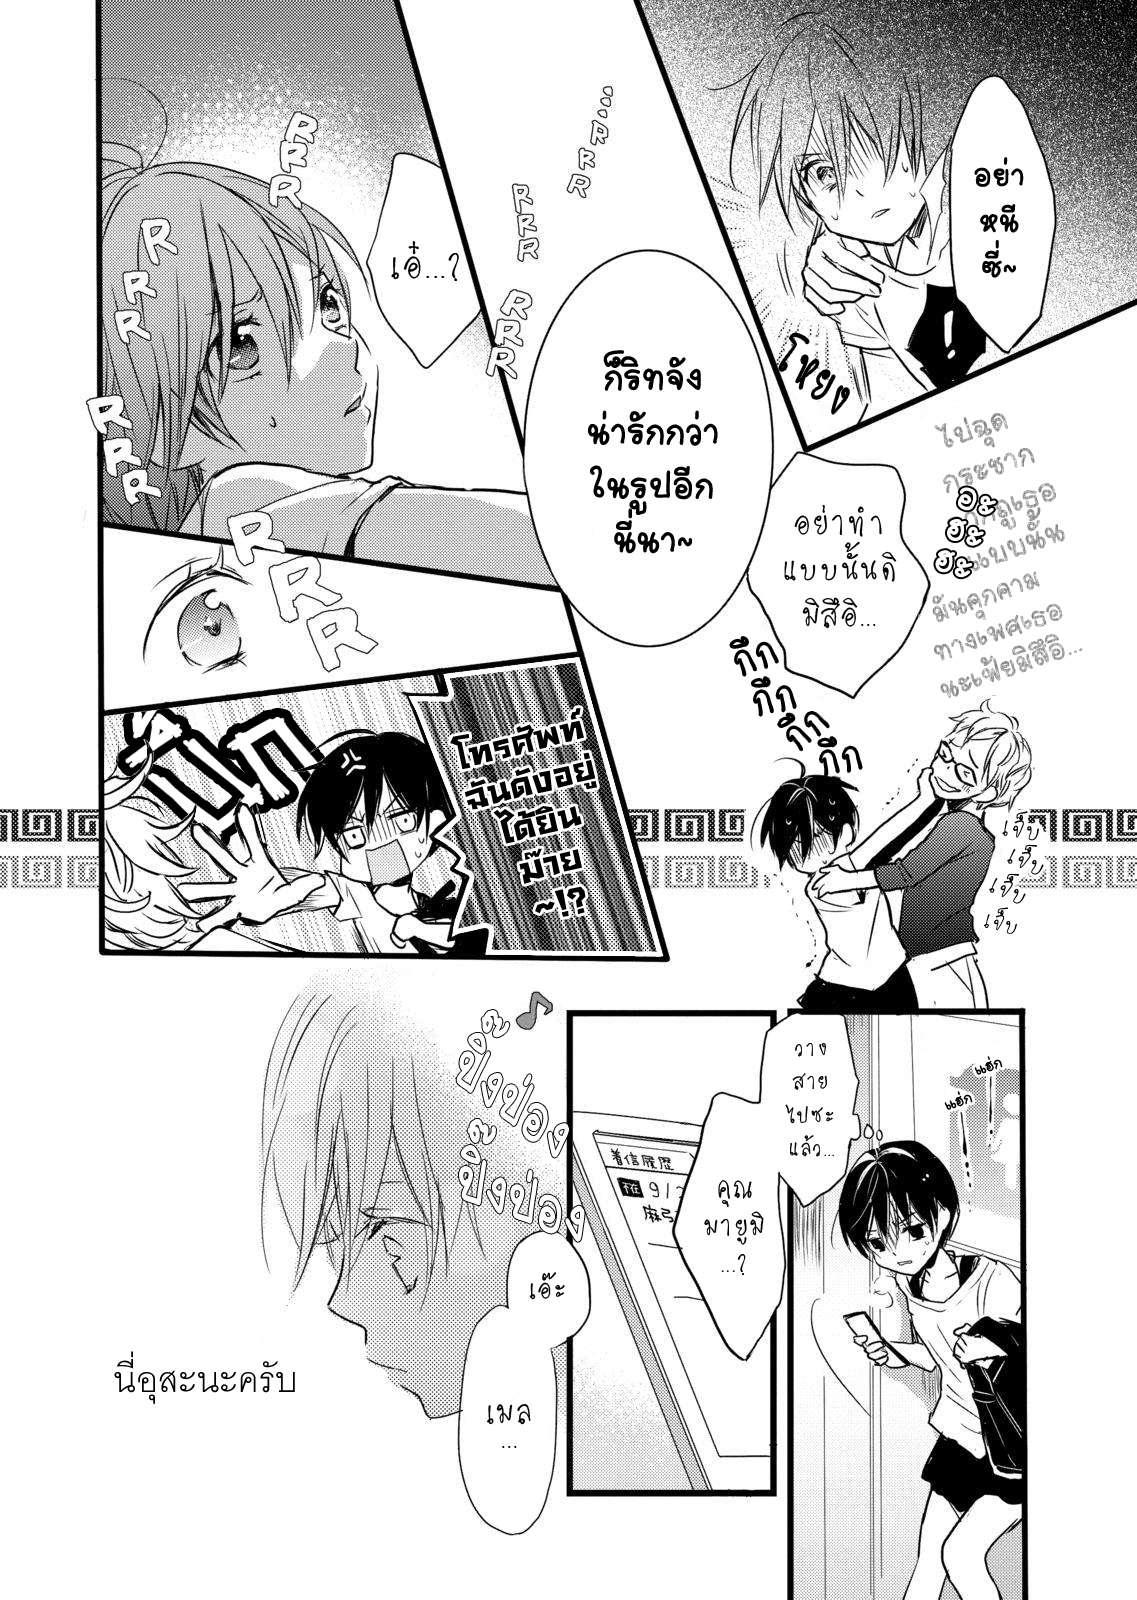 อ่านการ์ตูน Bokura wa Minna Kawaisou ตอนที่ 27 หน้าที่ 8